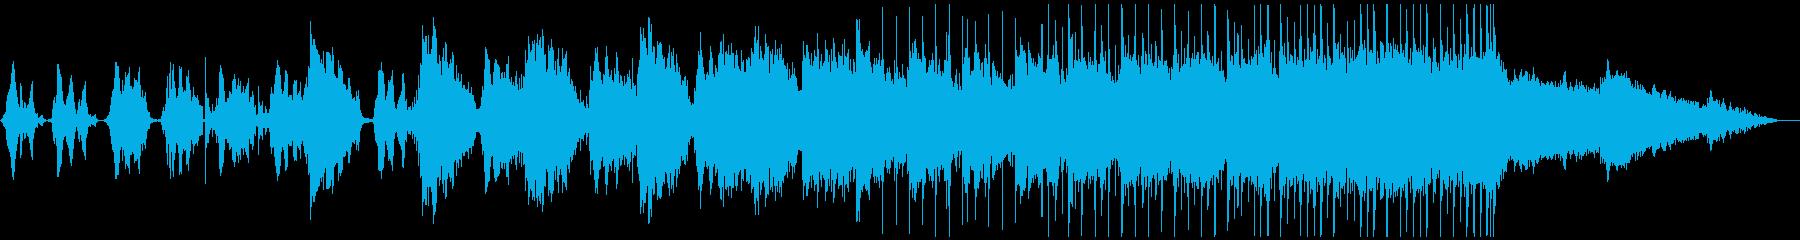 シュールな空気感のある感動的ポストロックの再生済みの波形